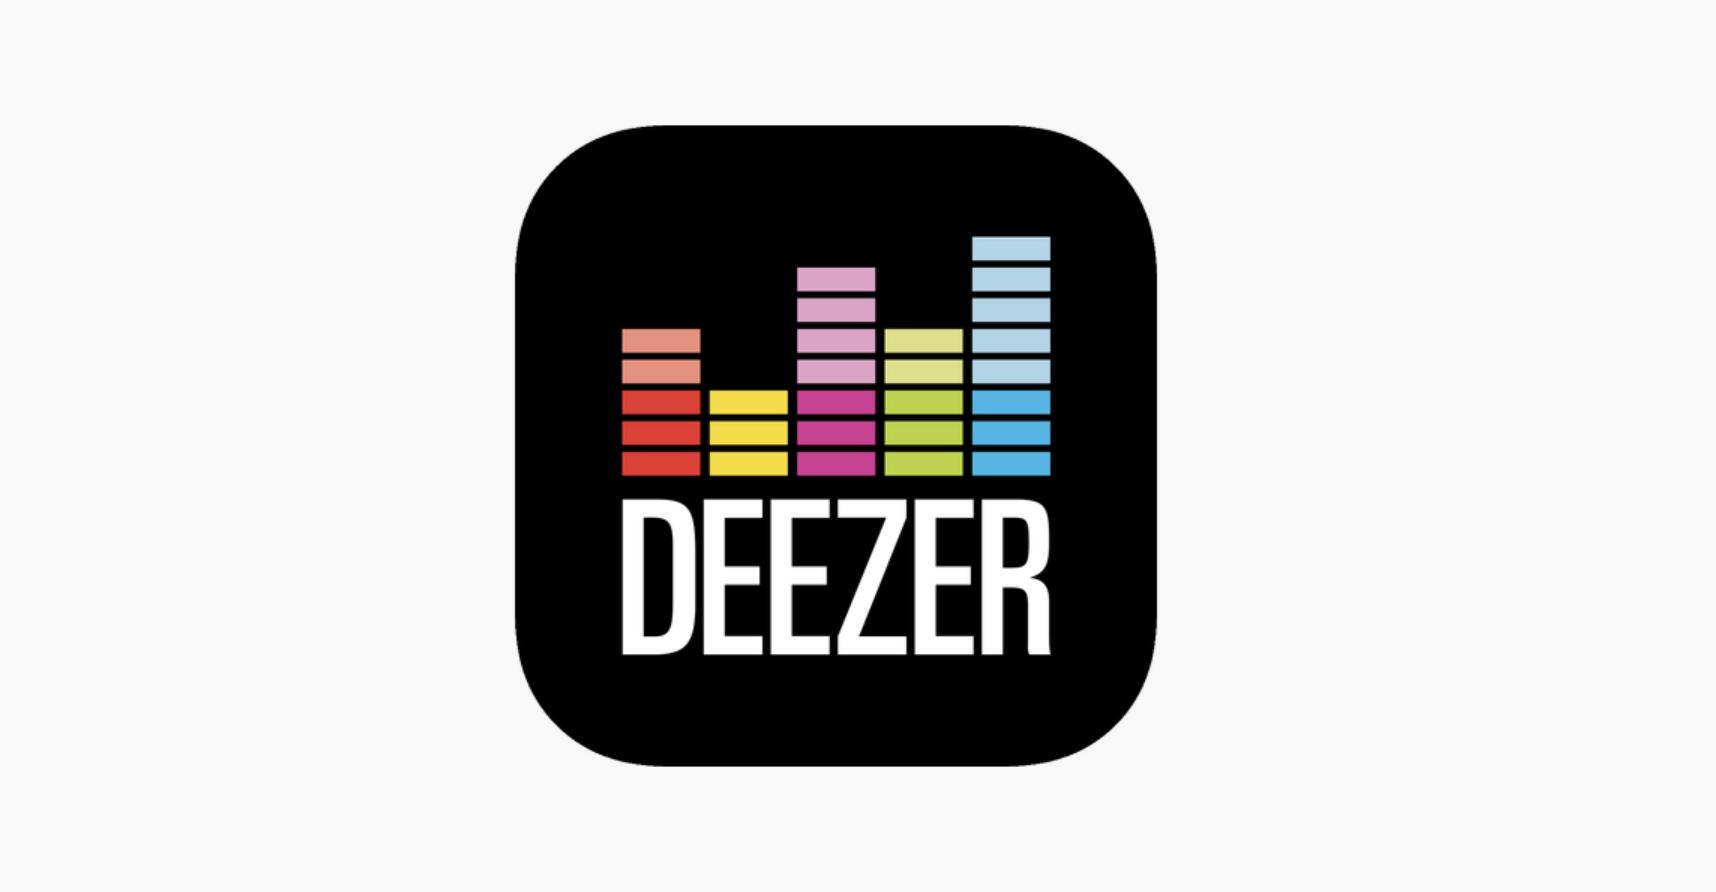 Top 100 Songs (Deezer)